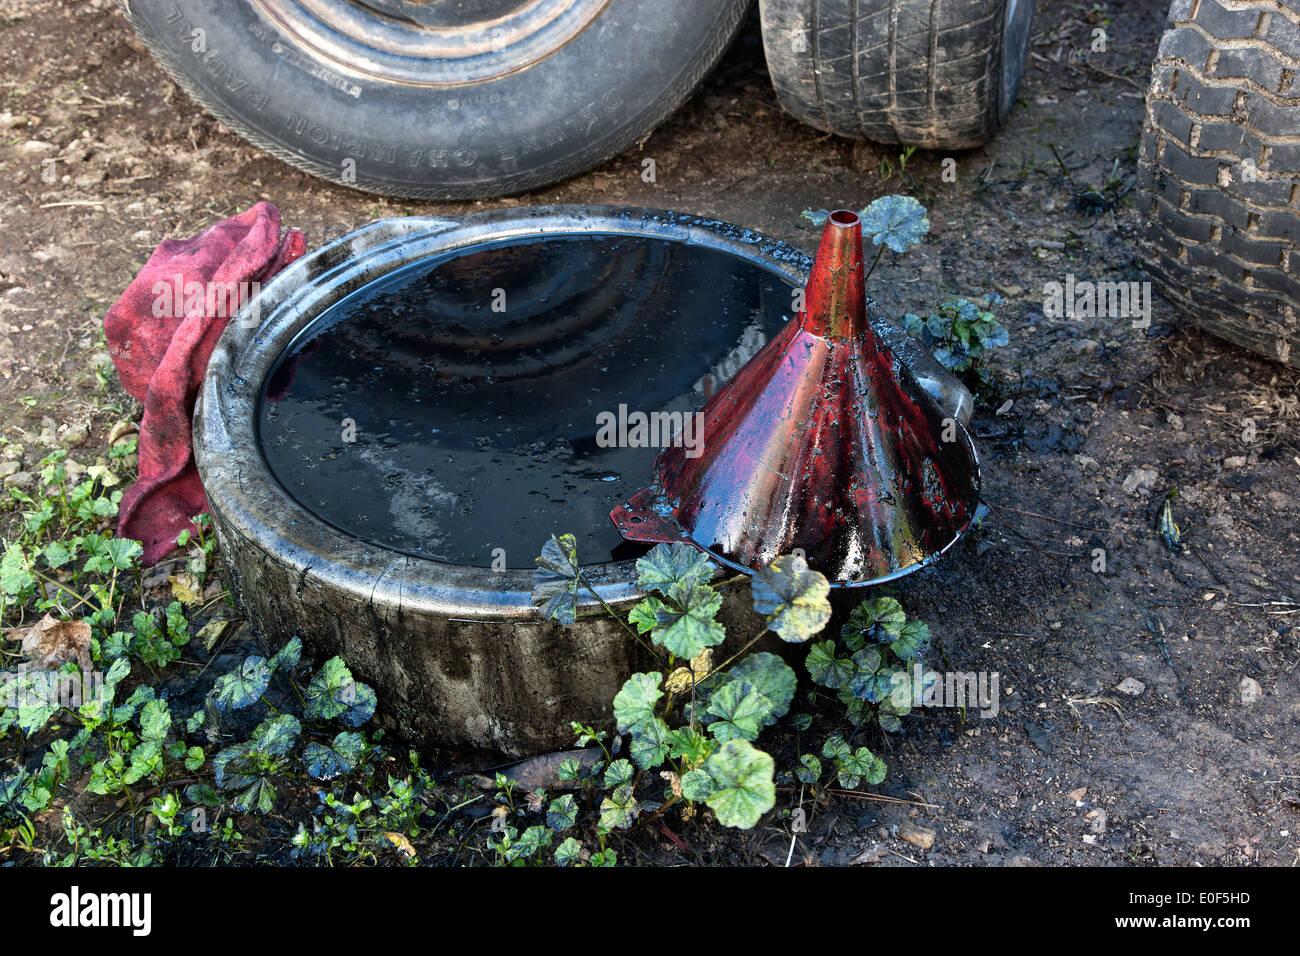 Ölablass pan mit schmutzigen Motoröl verschmutzen Boden & Flora. Stockbild